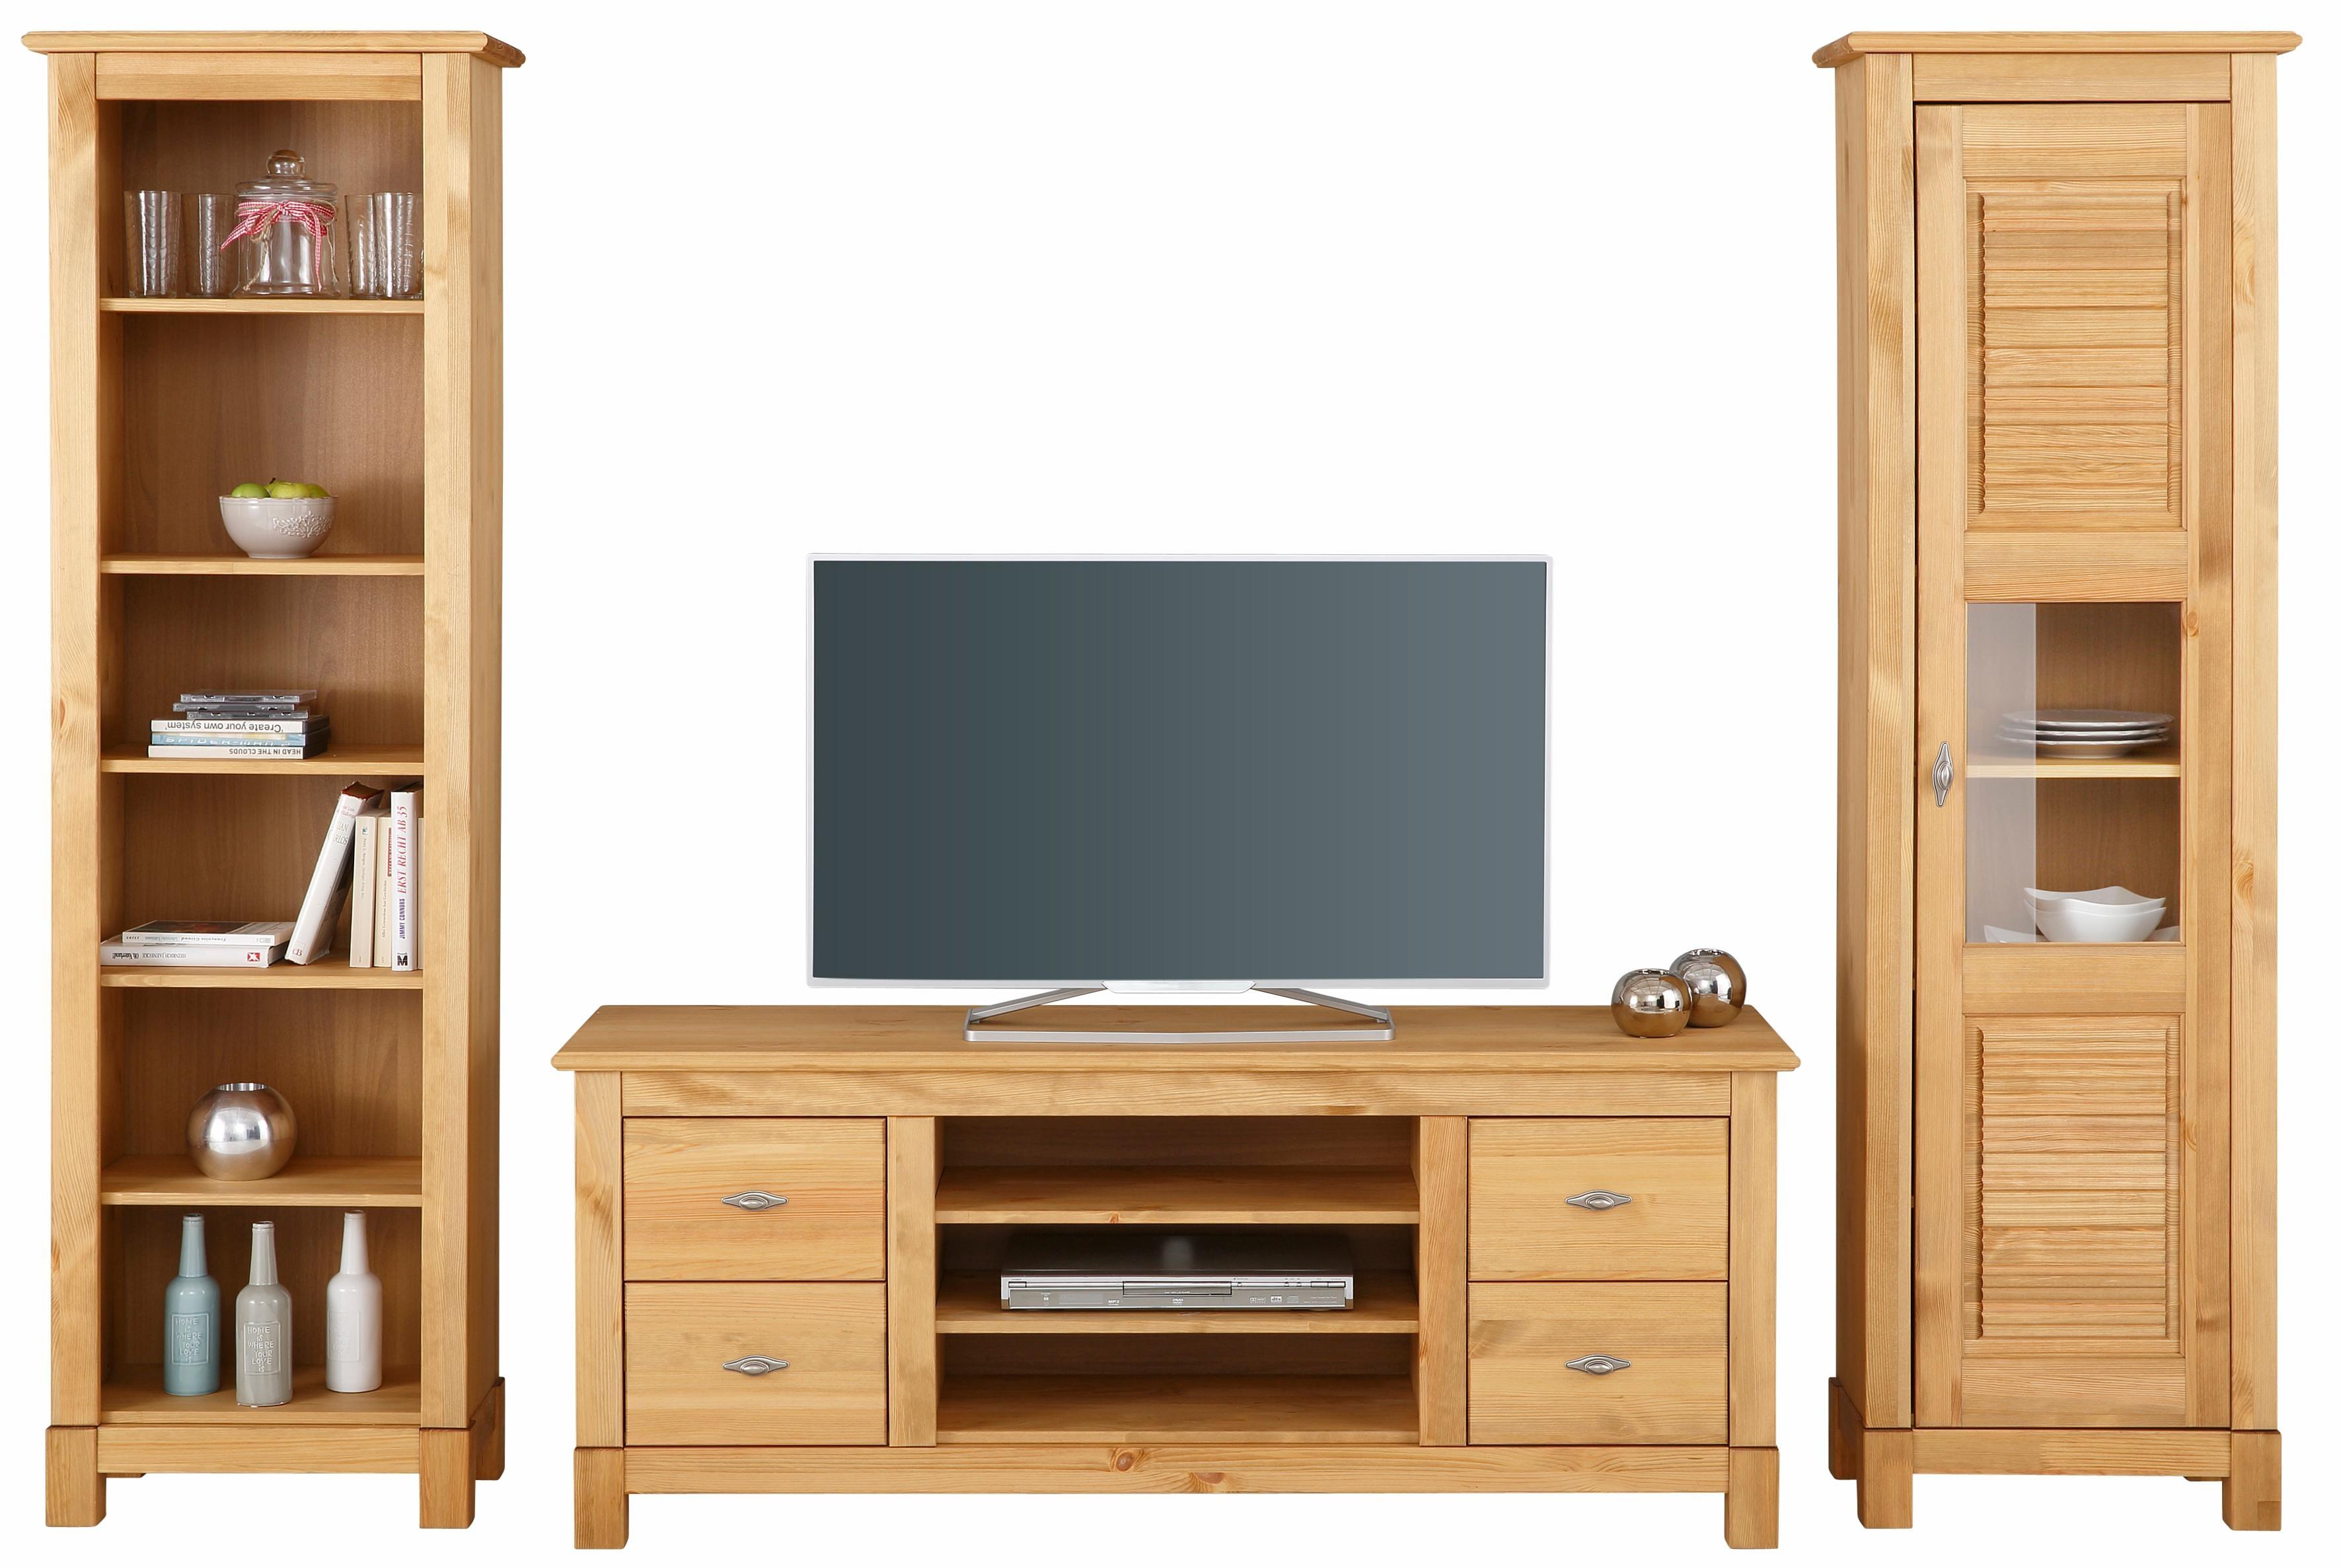 Home affaire wandmeubel Rauna (set, 3 stuks) voordelig en veilig online kopen